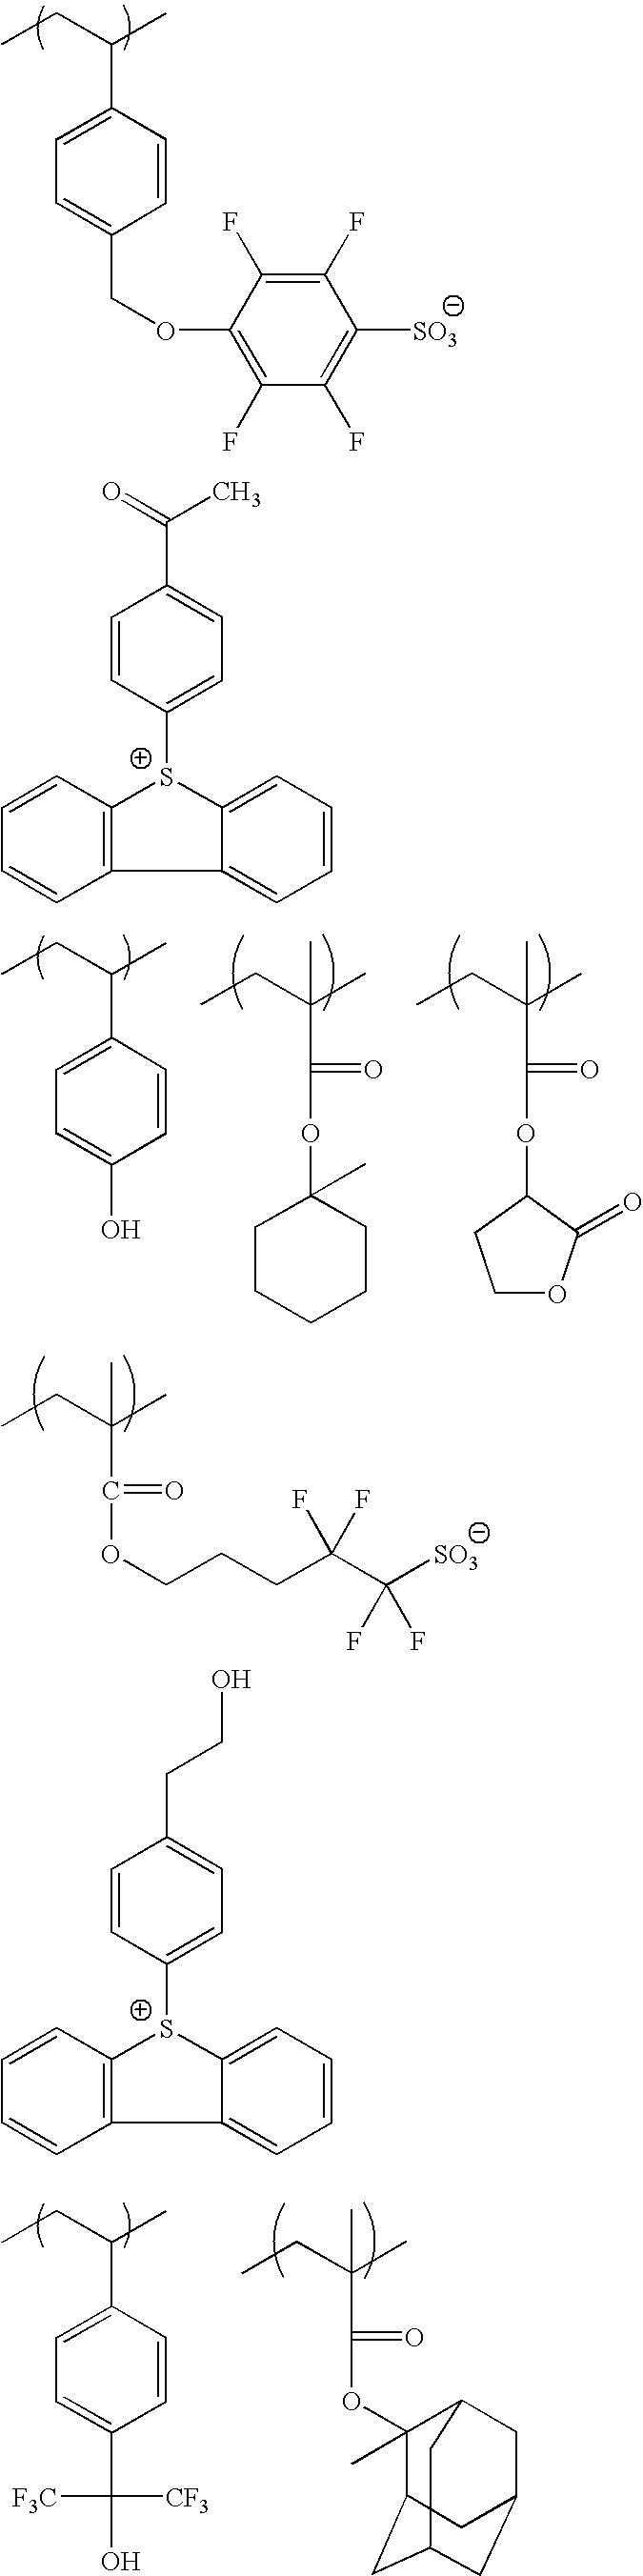 Figure US20100183975A1-20100722-C00196